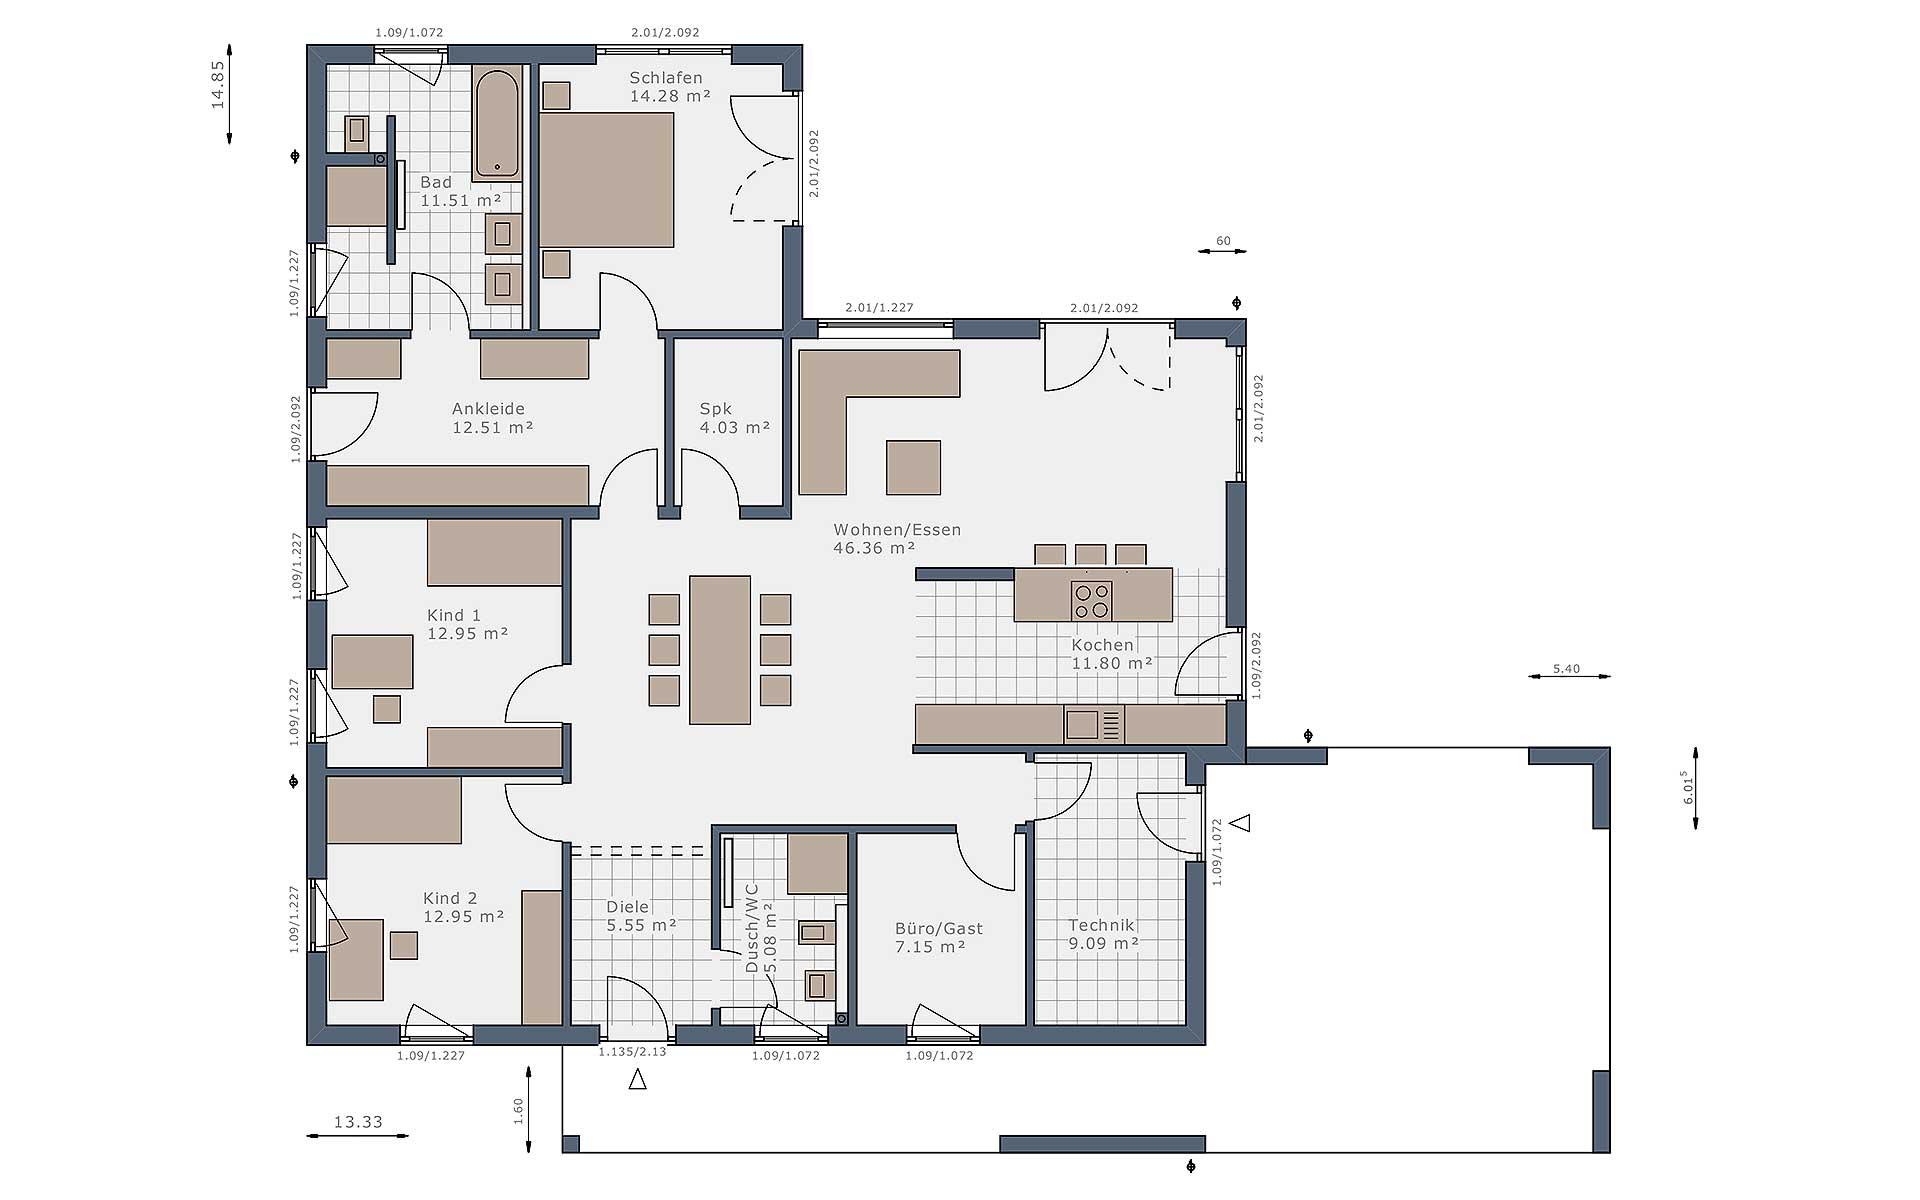 Erdgeschoss Solitaire-B-150 E4 von Schwabenhaus GmbH & Co. KG